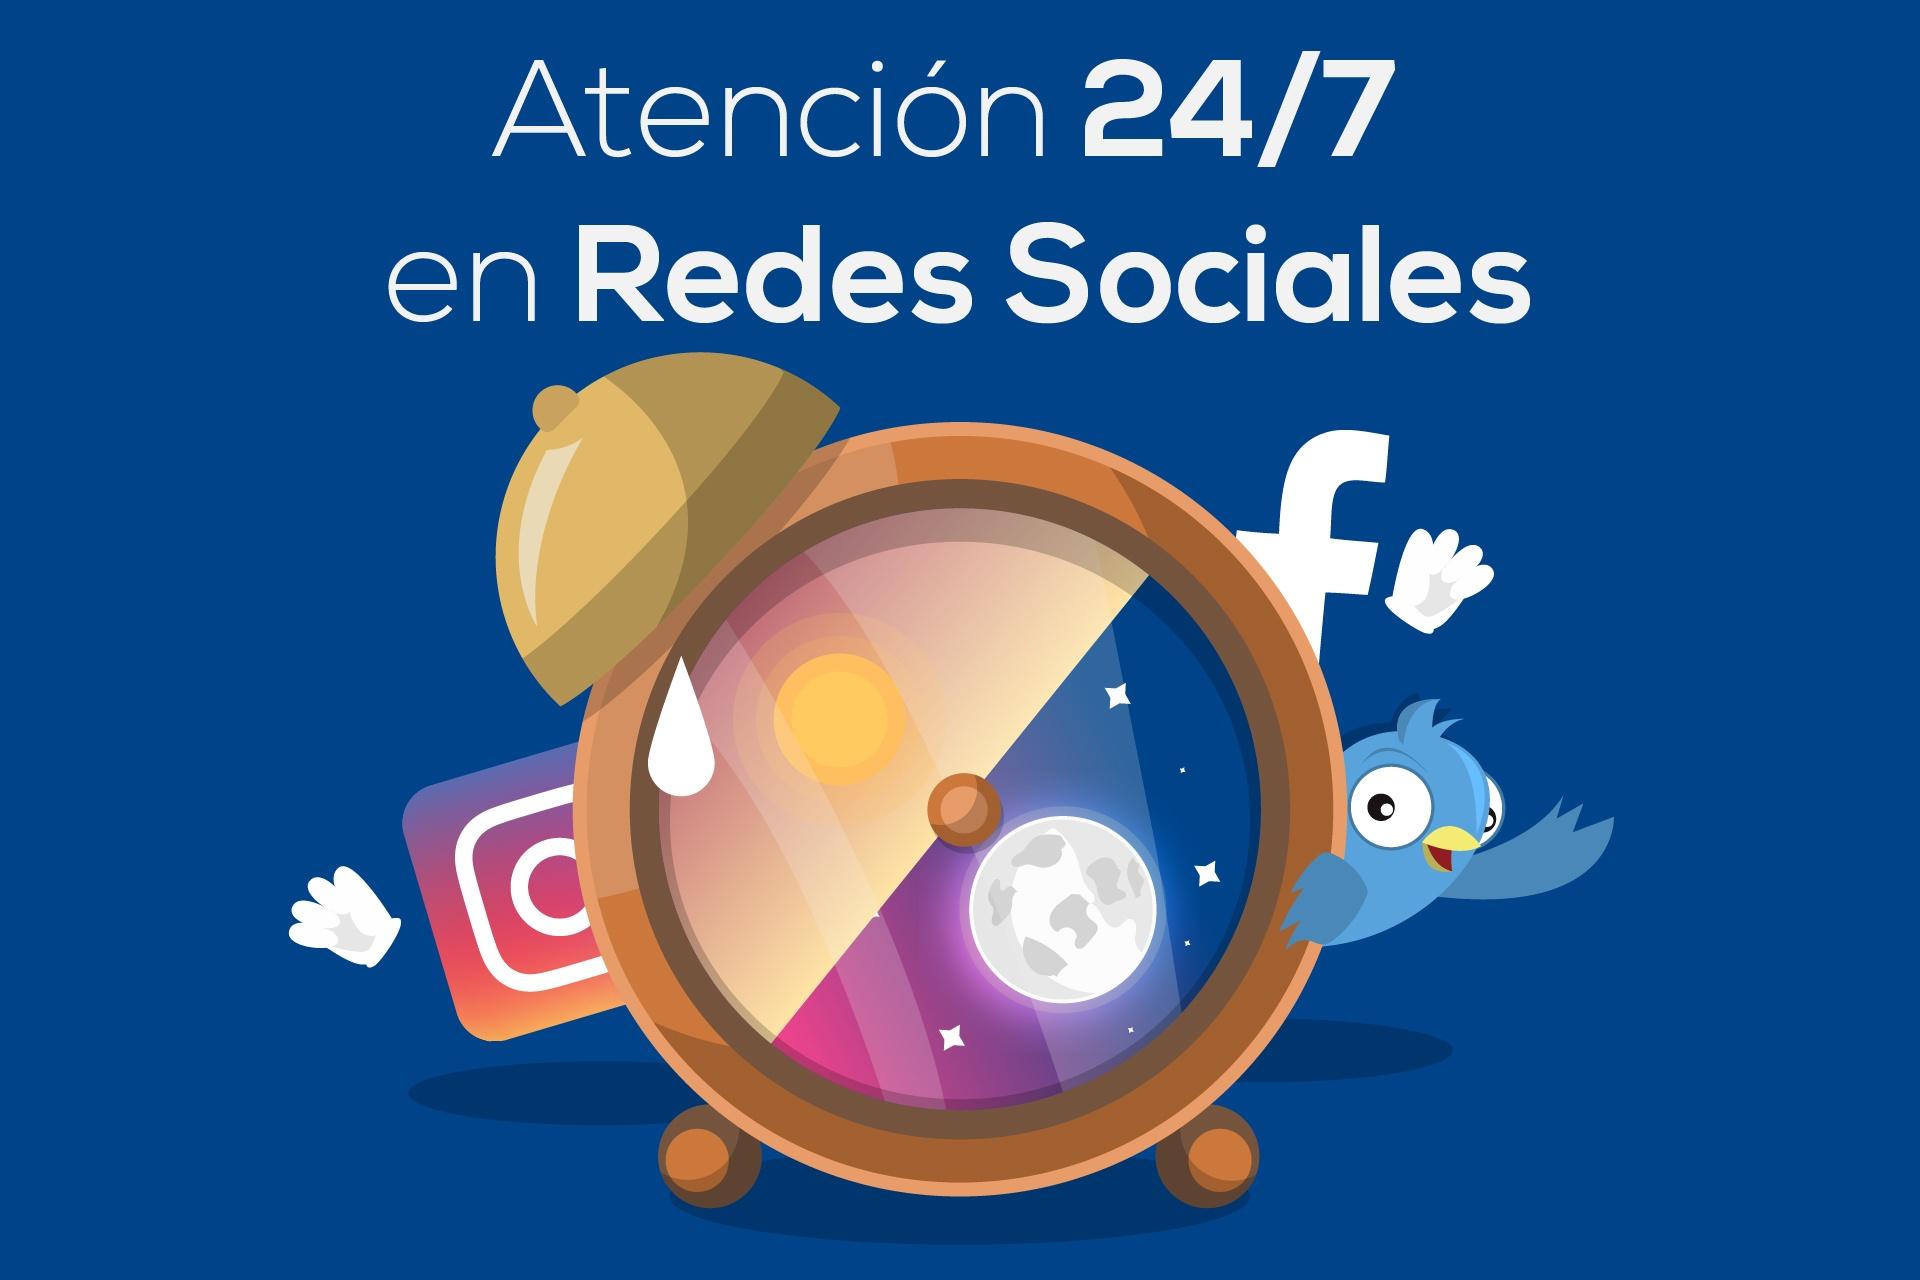 soporte24 7 en redes sociales